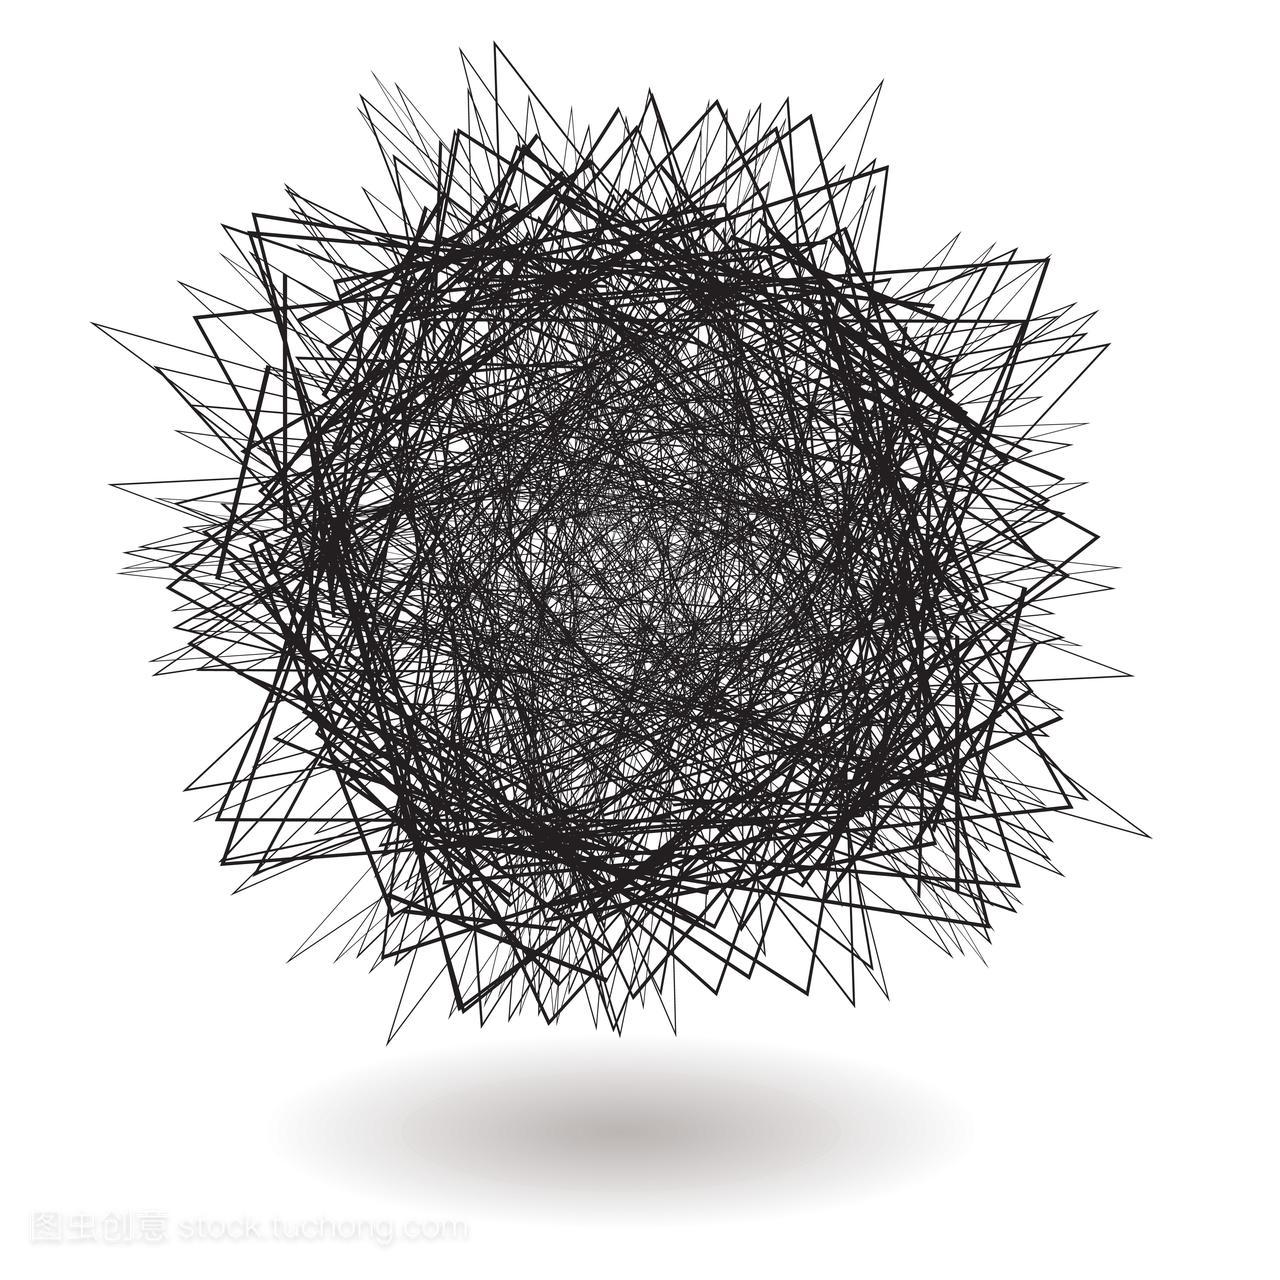 图纸,绘图,总图,线路,艺术,美术,绝路,螺旋形,螺旋75t锅炉循环草图流化床cad线条图片